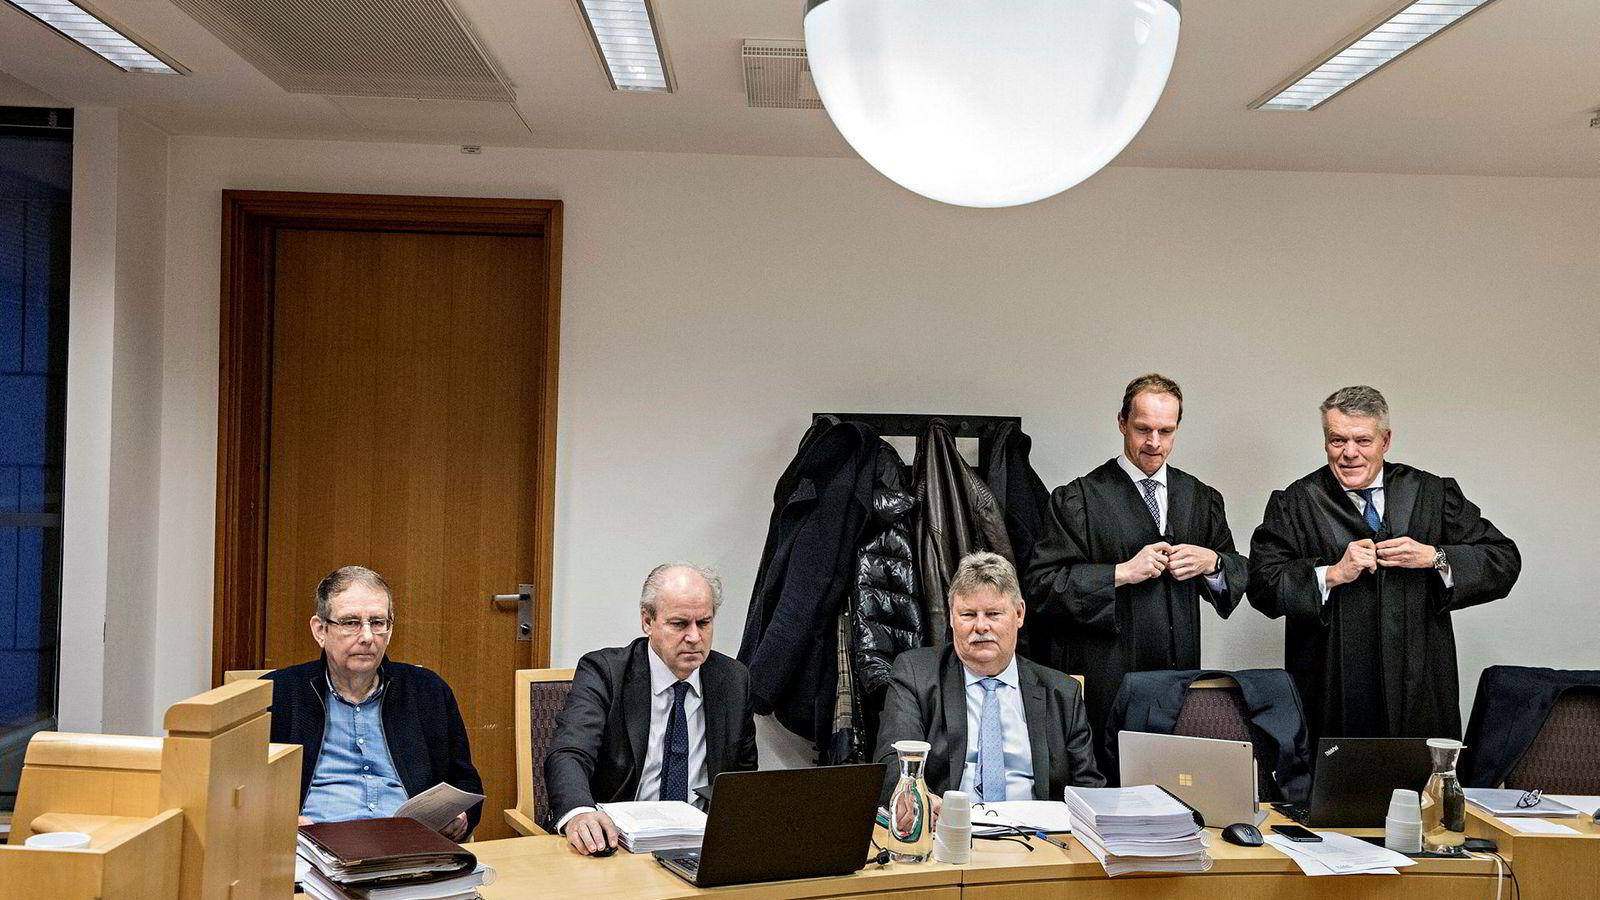 John Thunes fra Coop Sørvest (til venstre), Gunnar Skaar og Carl Berg fra Invest Sør sammen med deres advokater Christian Henrik Prahl Reusch og Peter Simonsen nådde ikke frem i gigantkravet etter eiendomssalget ved Sørlandssenteret i Kristiansand til Olav Thon Eiendomsselskap.